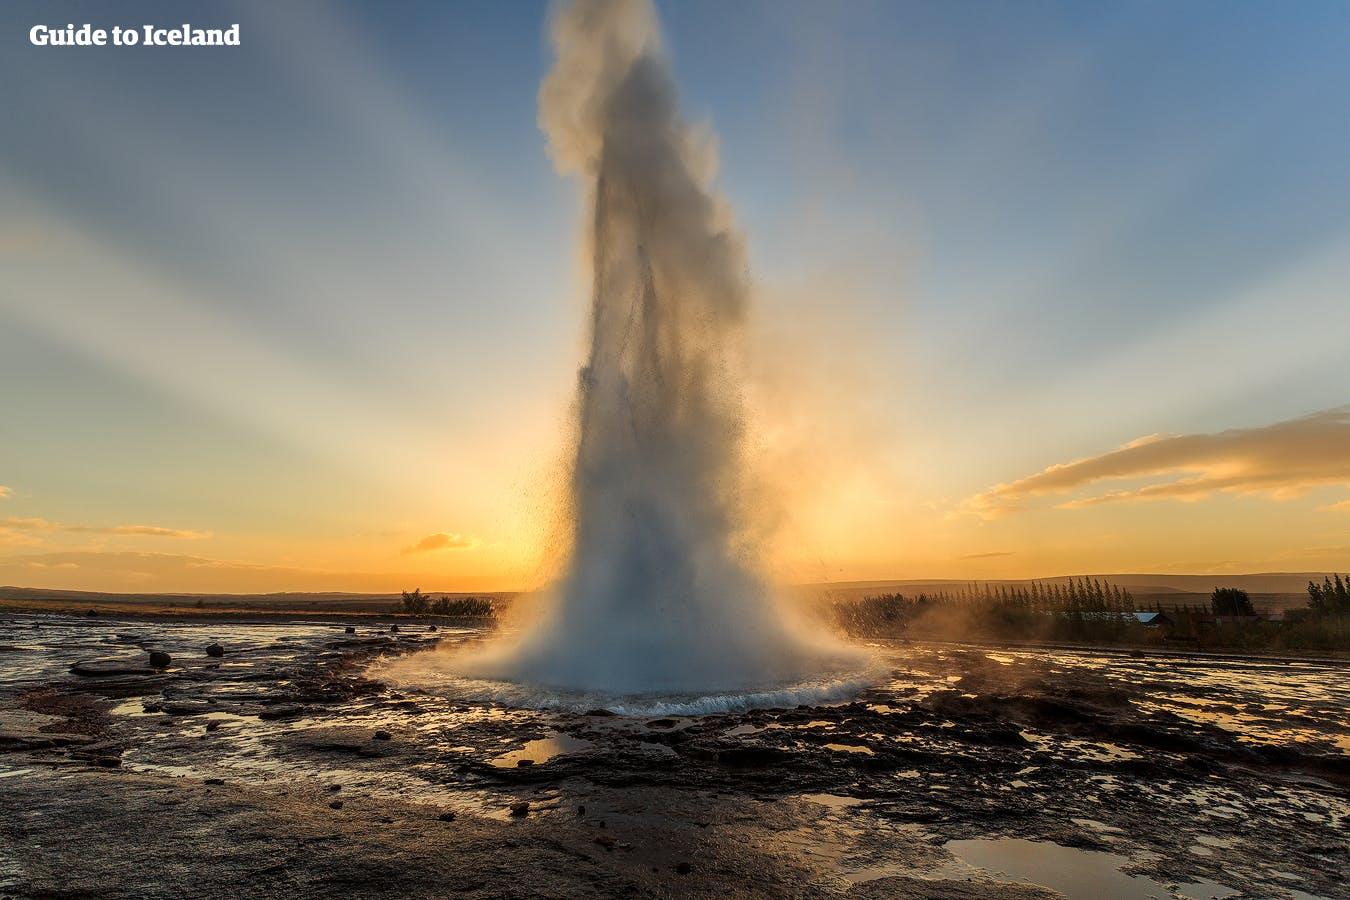 冰岛黄金圈的史托克间歇泉在夏季午夜阳光下壮丽喷发